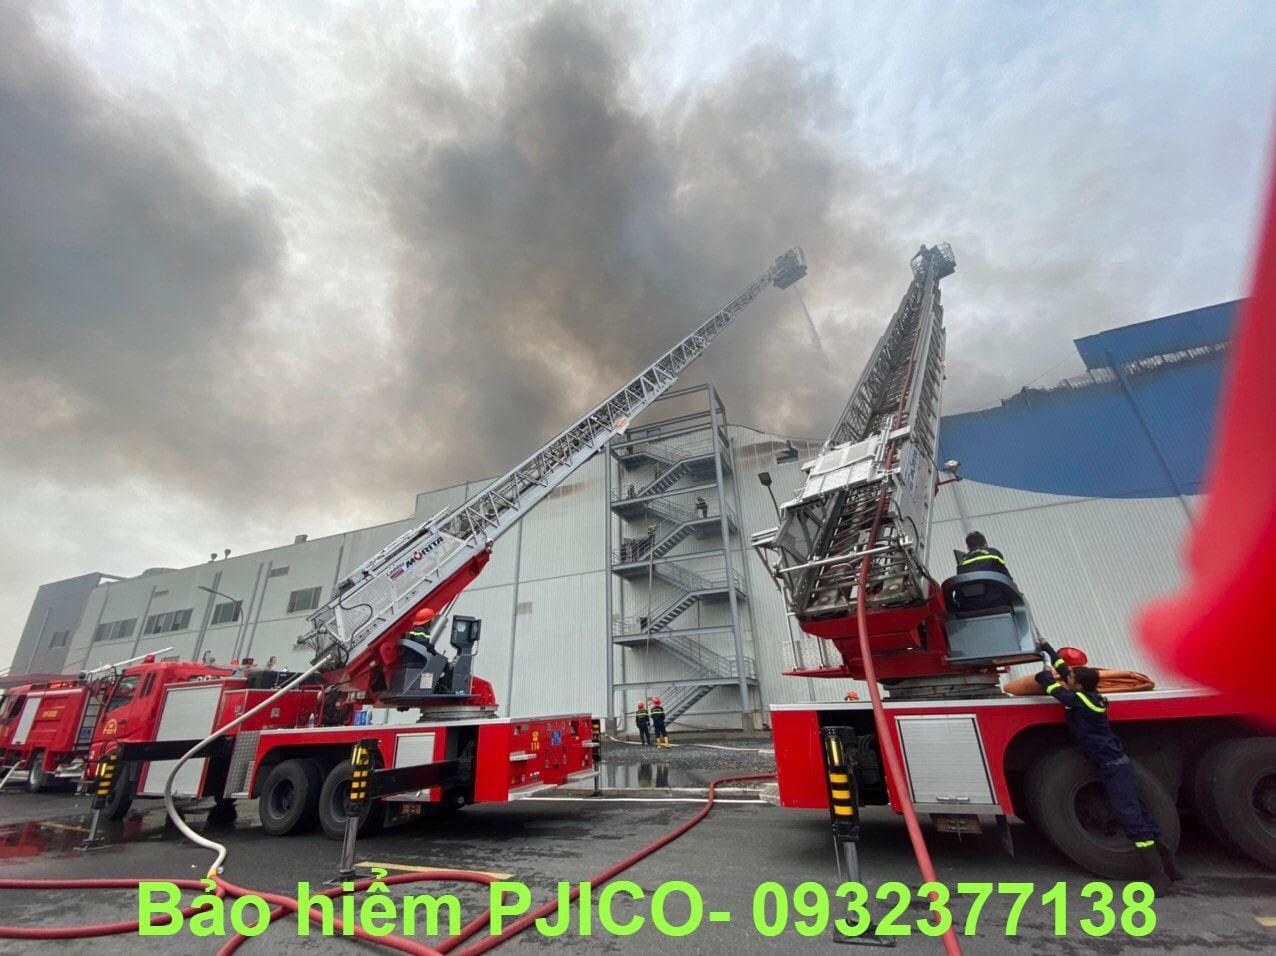 Phí bảo hiểm phòng cháy chữa cháy